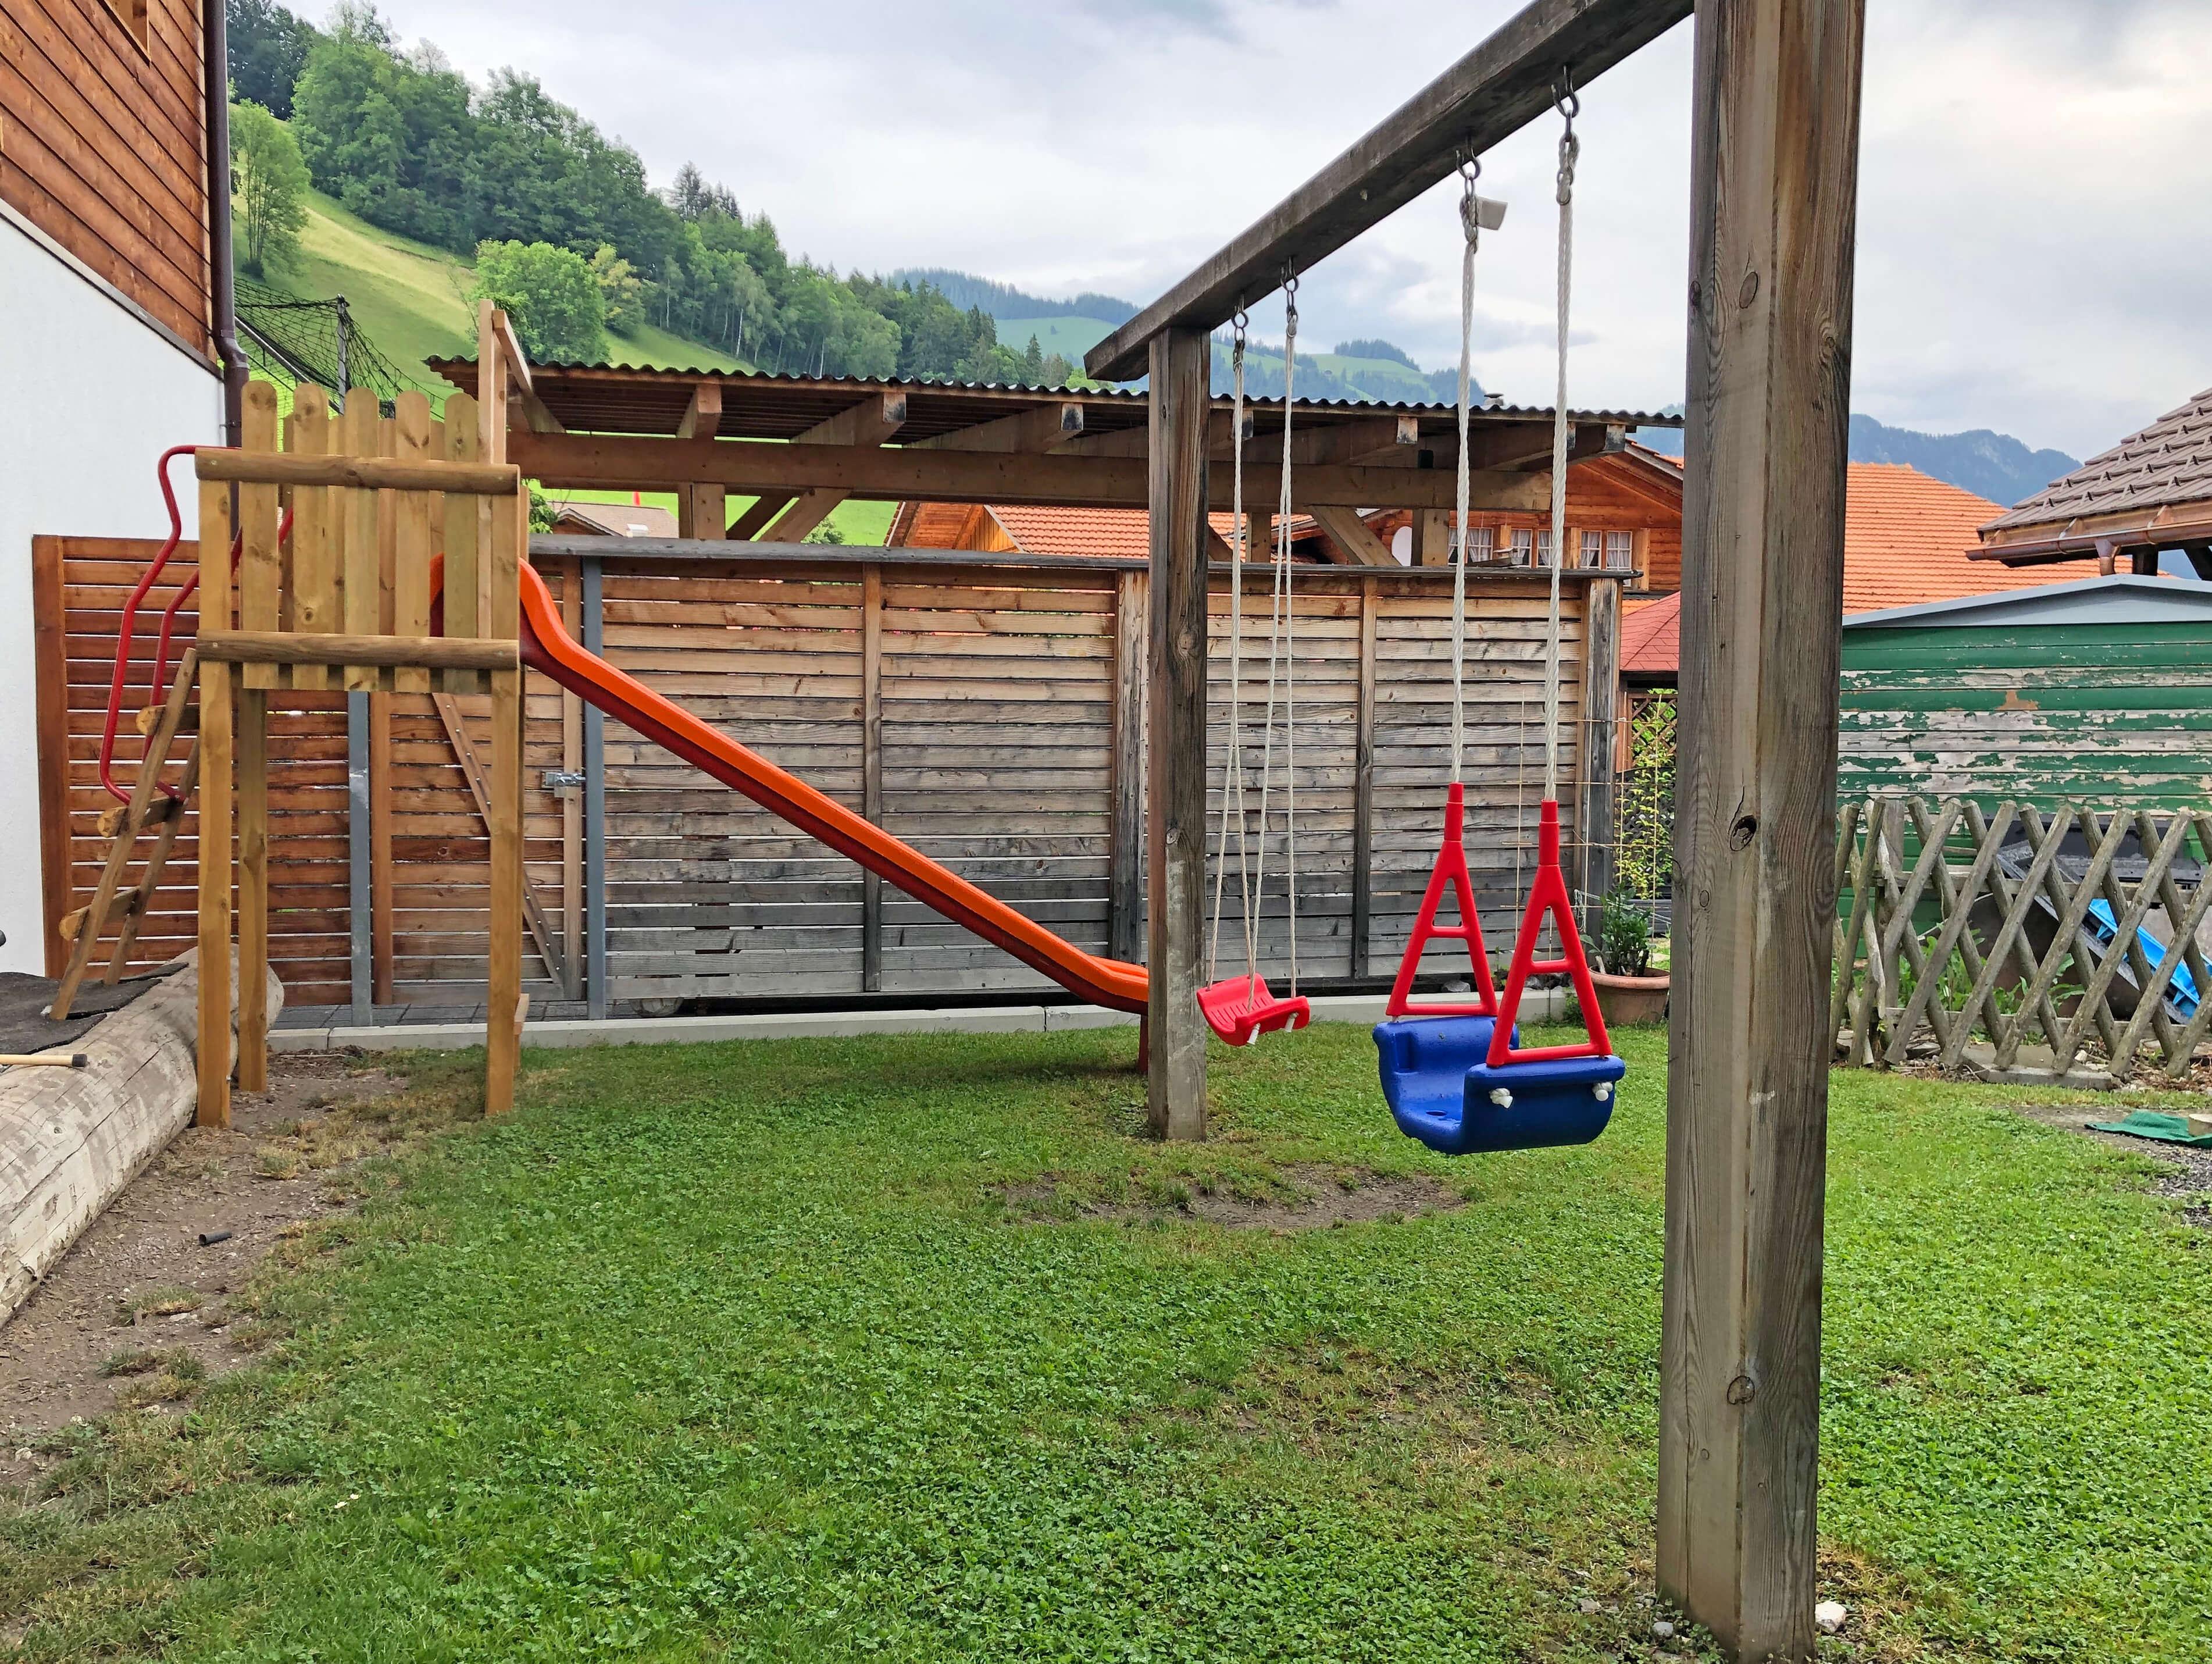 Spielplatz Hirschen Diemtigen mit Rutschbahn und Schaukel